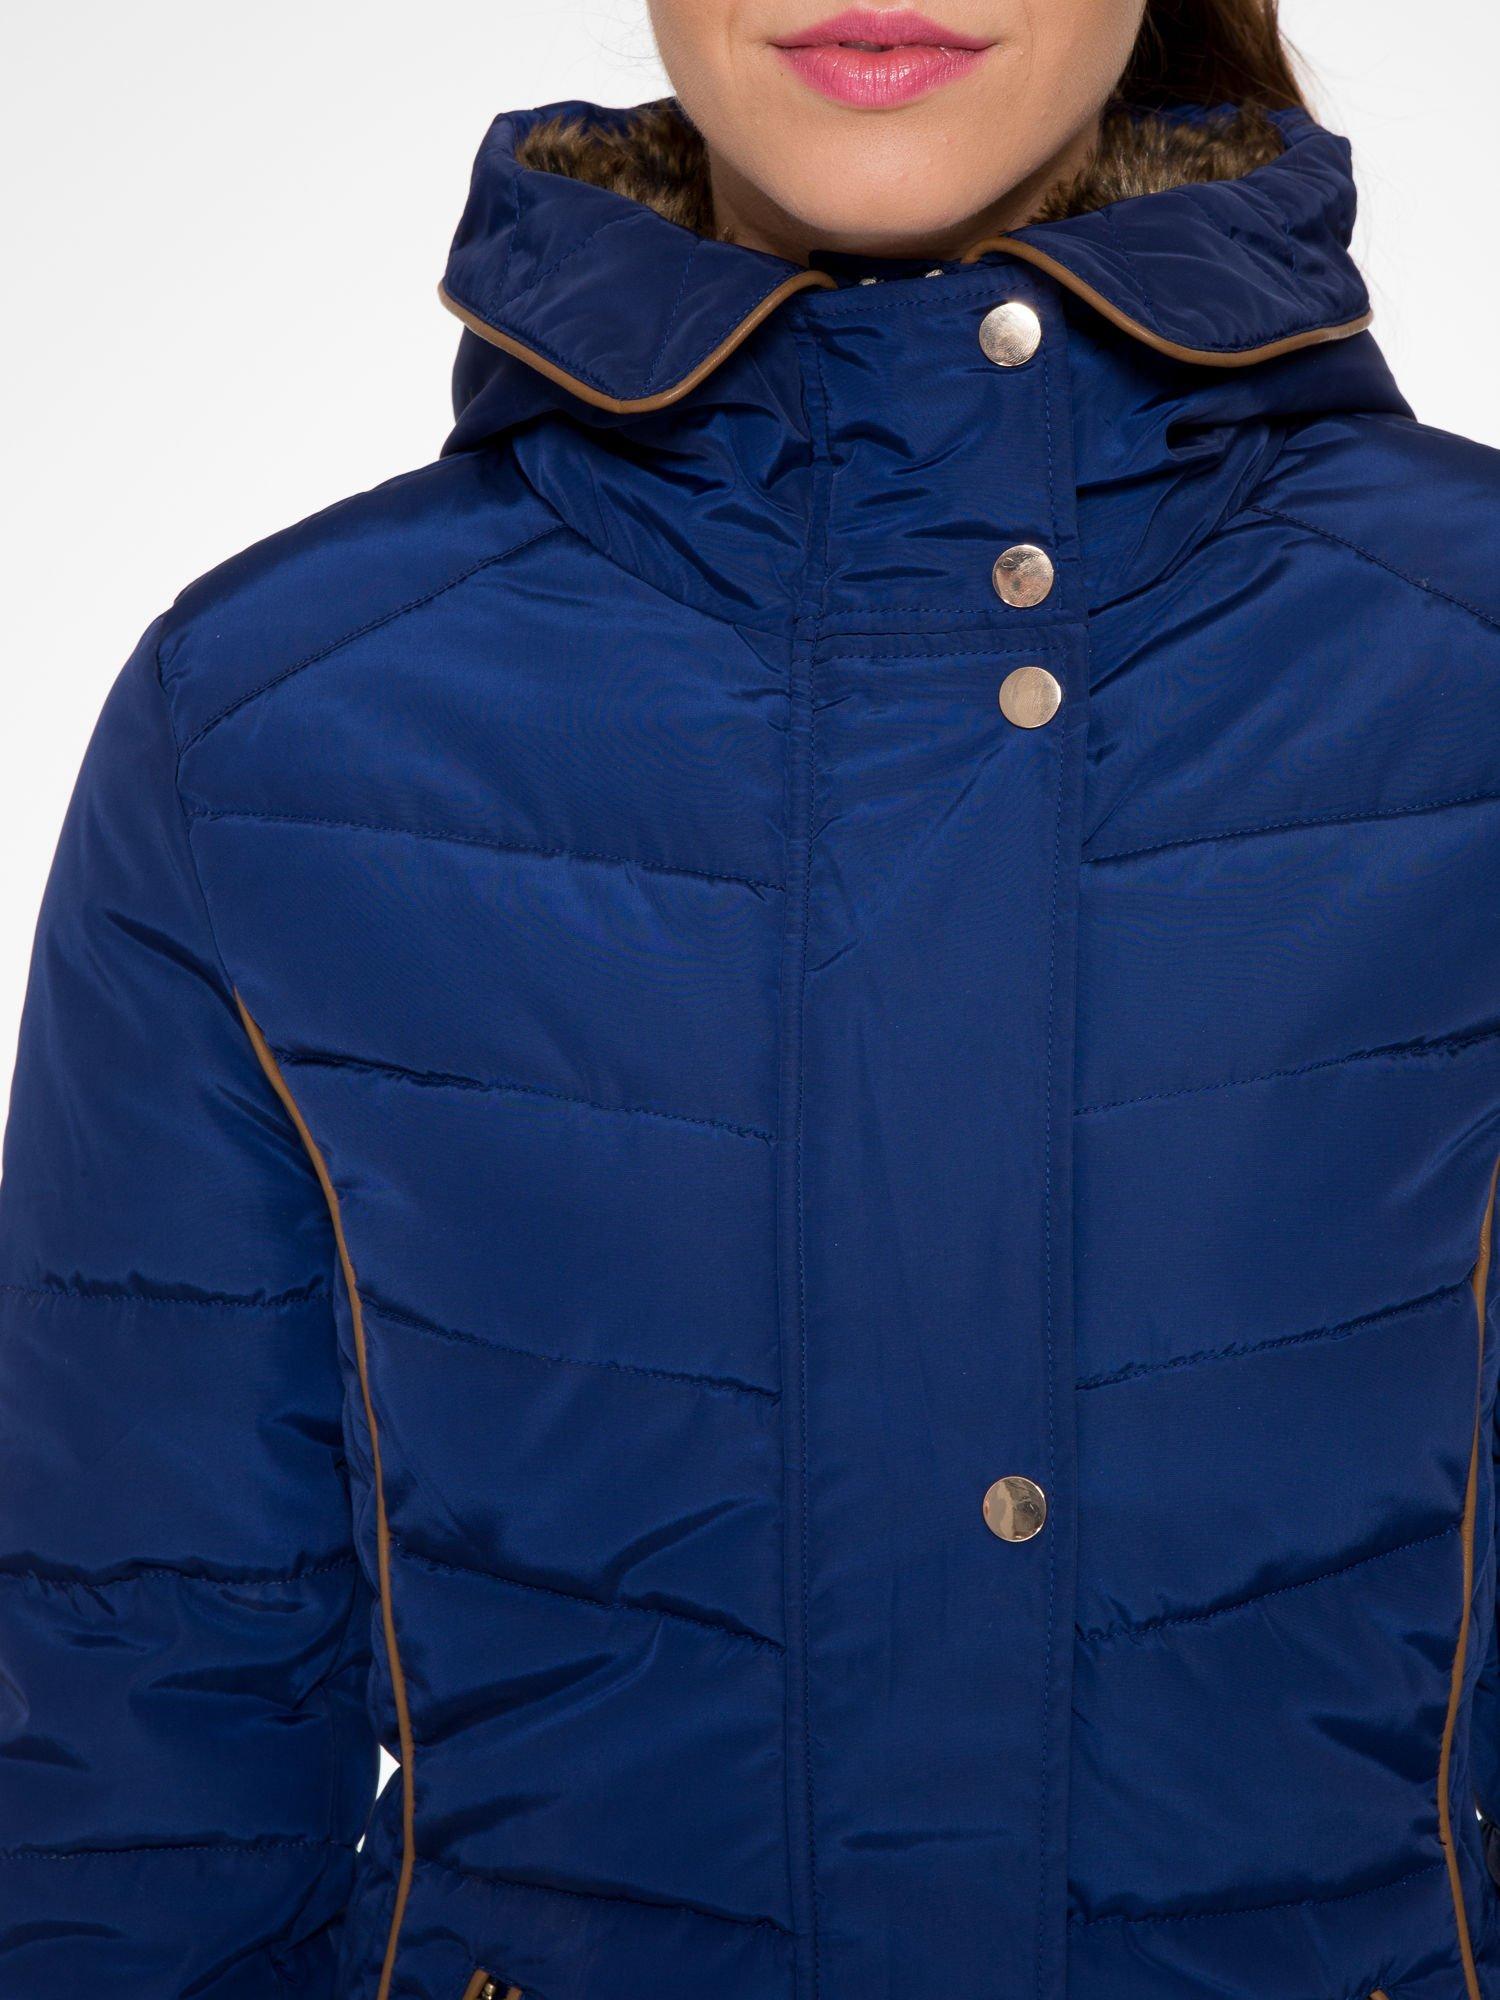 Granatowa kurtka zimowa ze skórzaną lamówką i futrzanym kapturem                                  zdj.                                  6